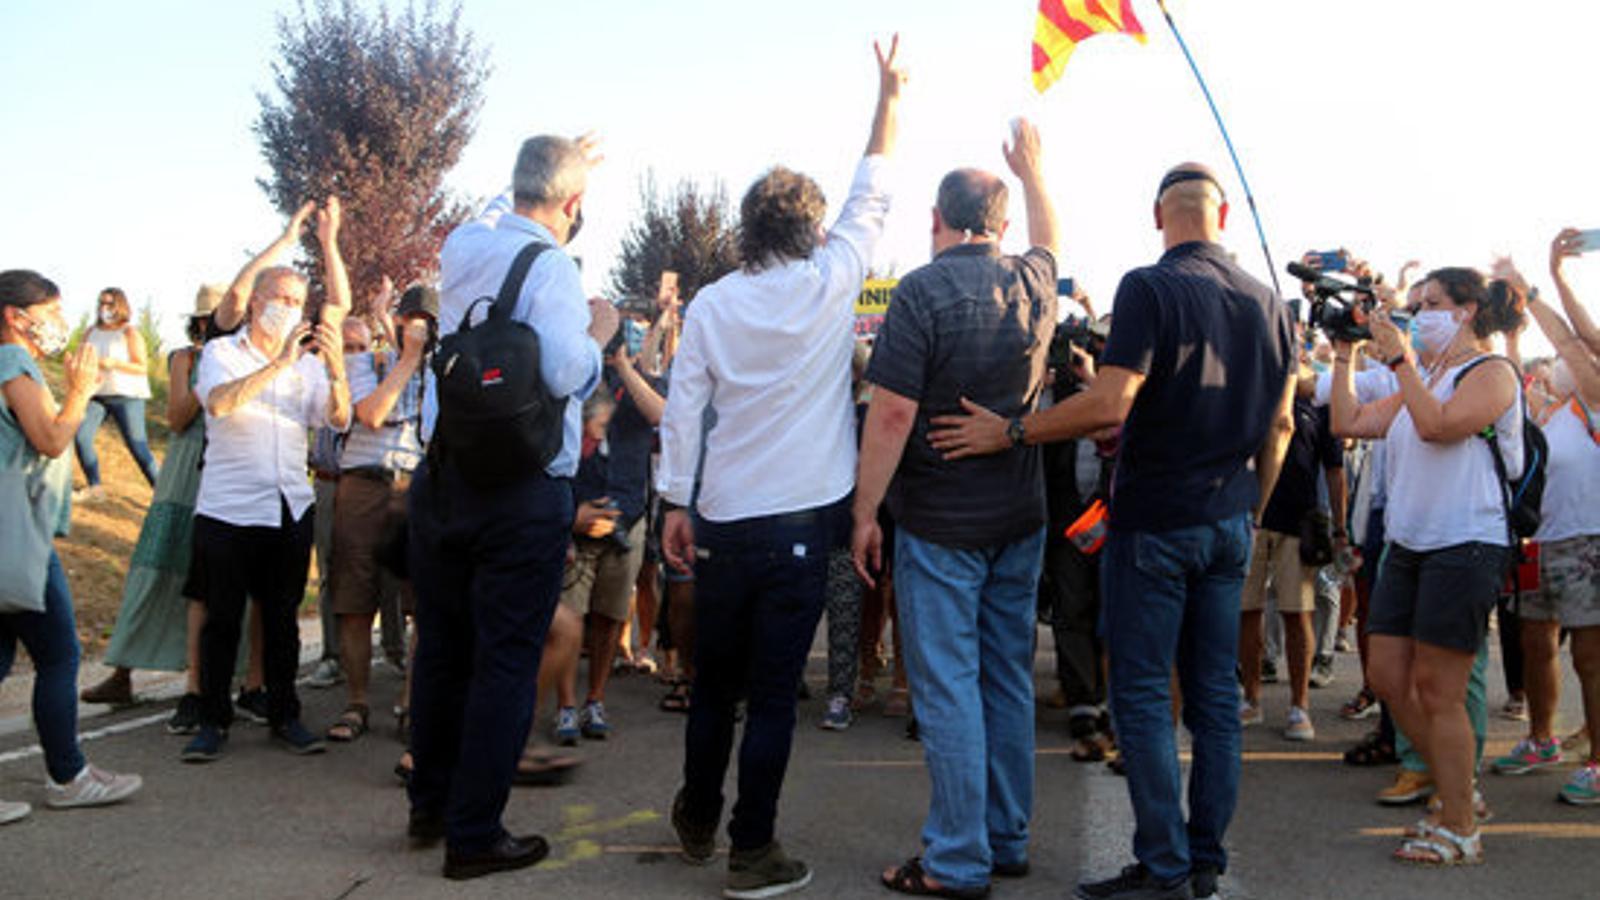 D'esquerra a dreta, Quim Forn, Jordi Cuixart, Oriol Junqueras i Raül Romeva, saludant a la gent minuts abans d'entrar a la presó de Lledoners sense el tercer grau